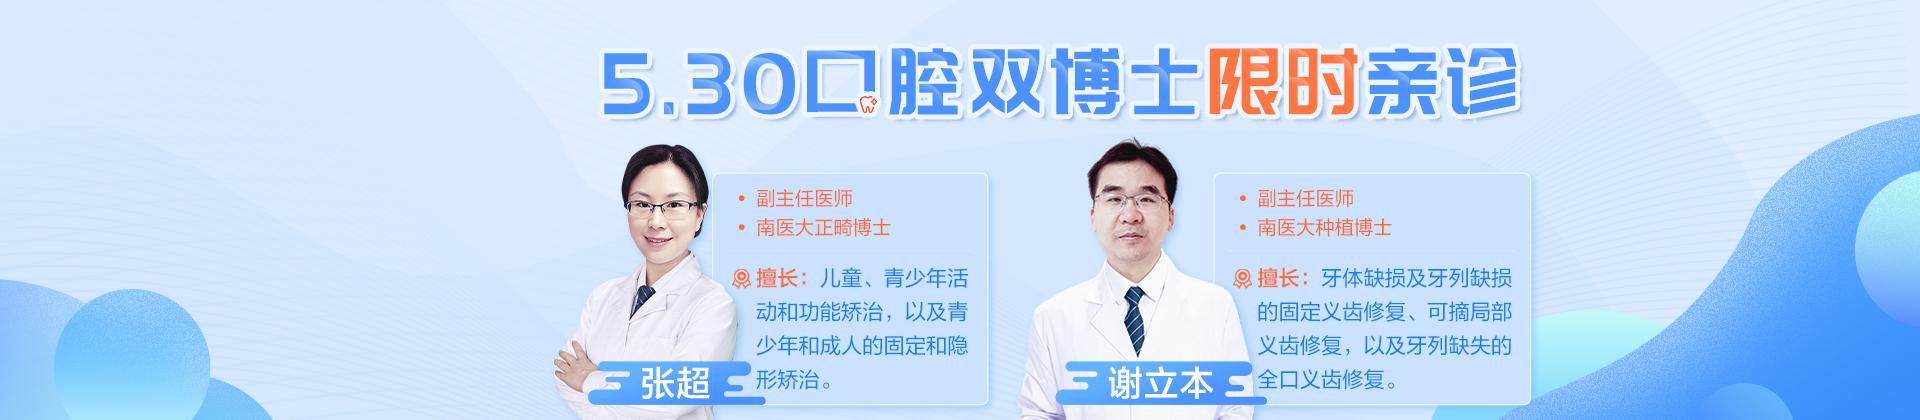 5月30日特邀谢立本种植博士张超正畸博士联